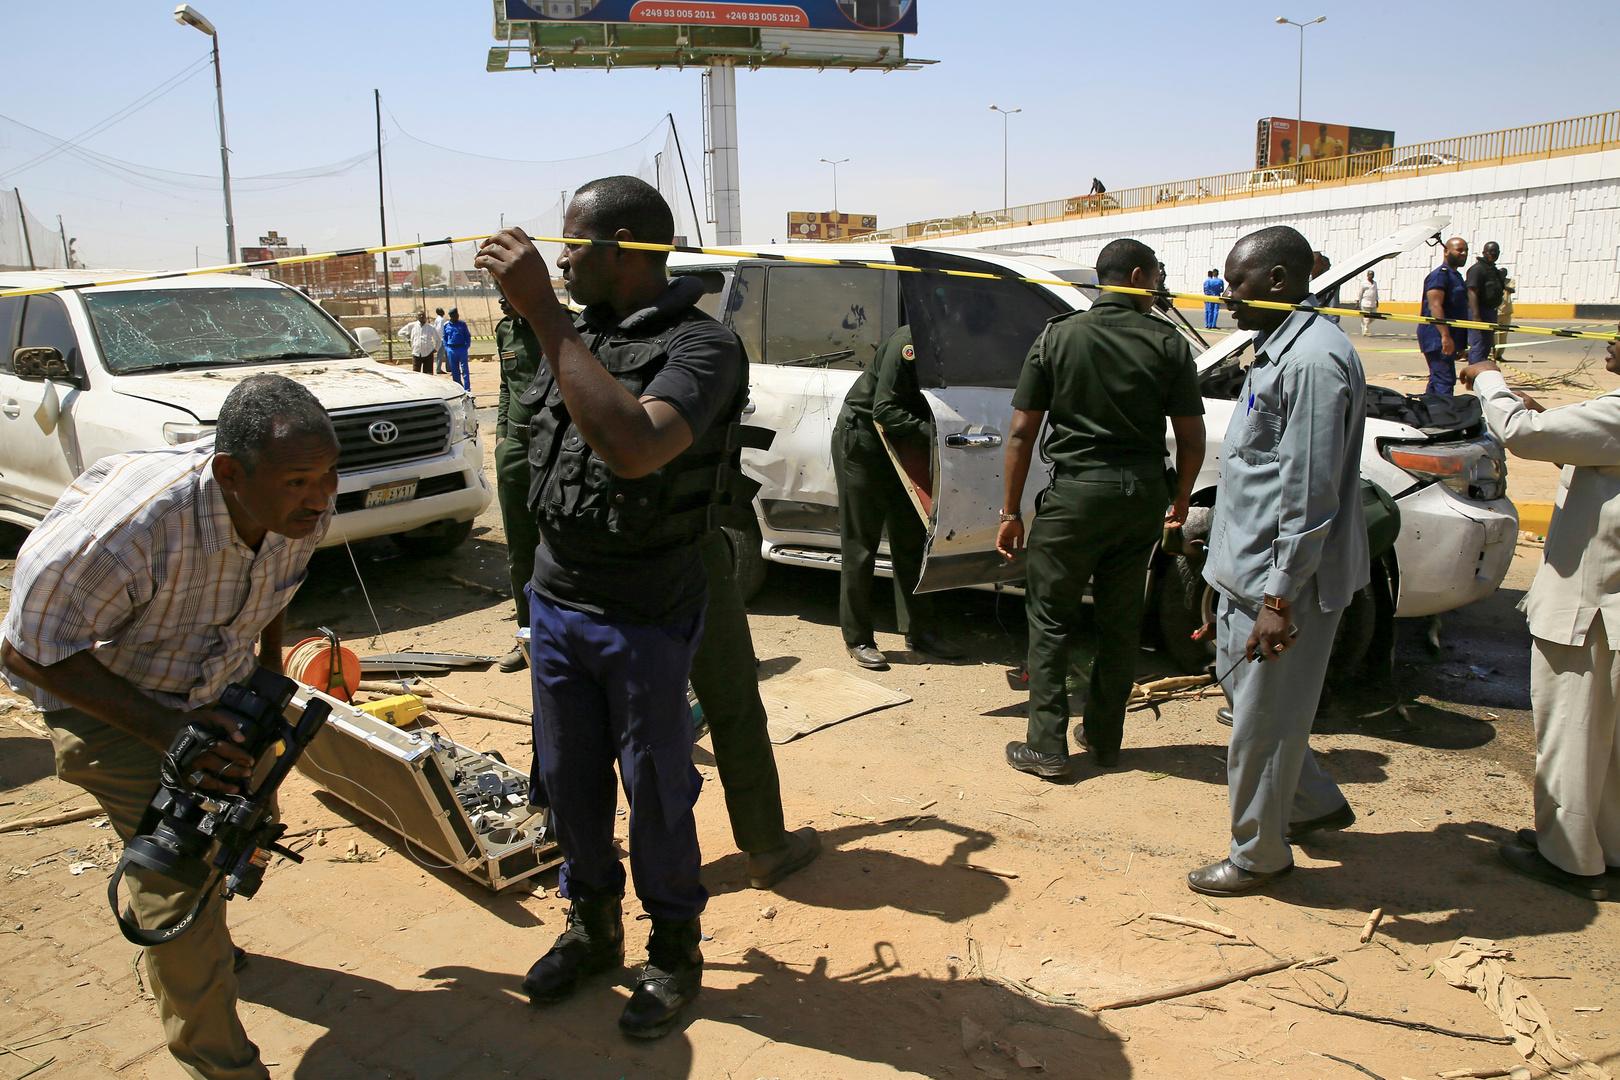 موقع استهداف موكب رئيس الوزراء السوداني، عبد الله حمدوك، في الخرطوم